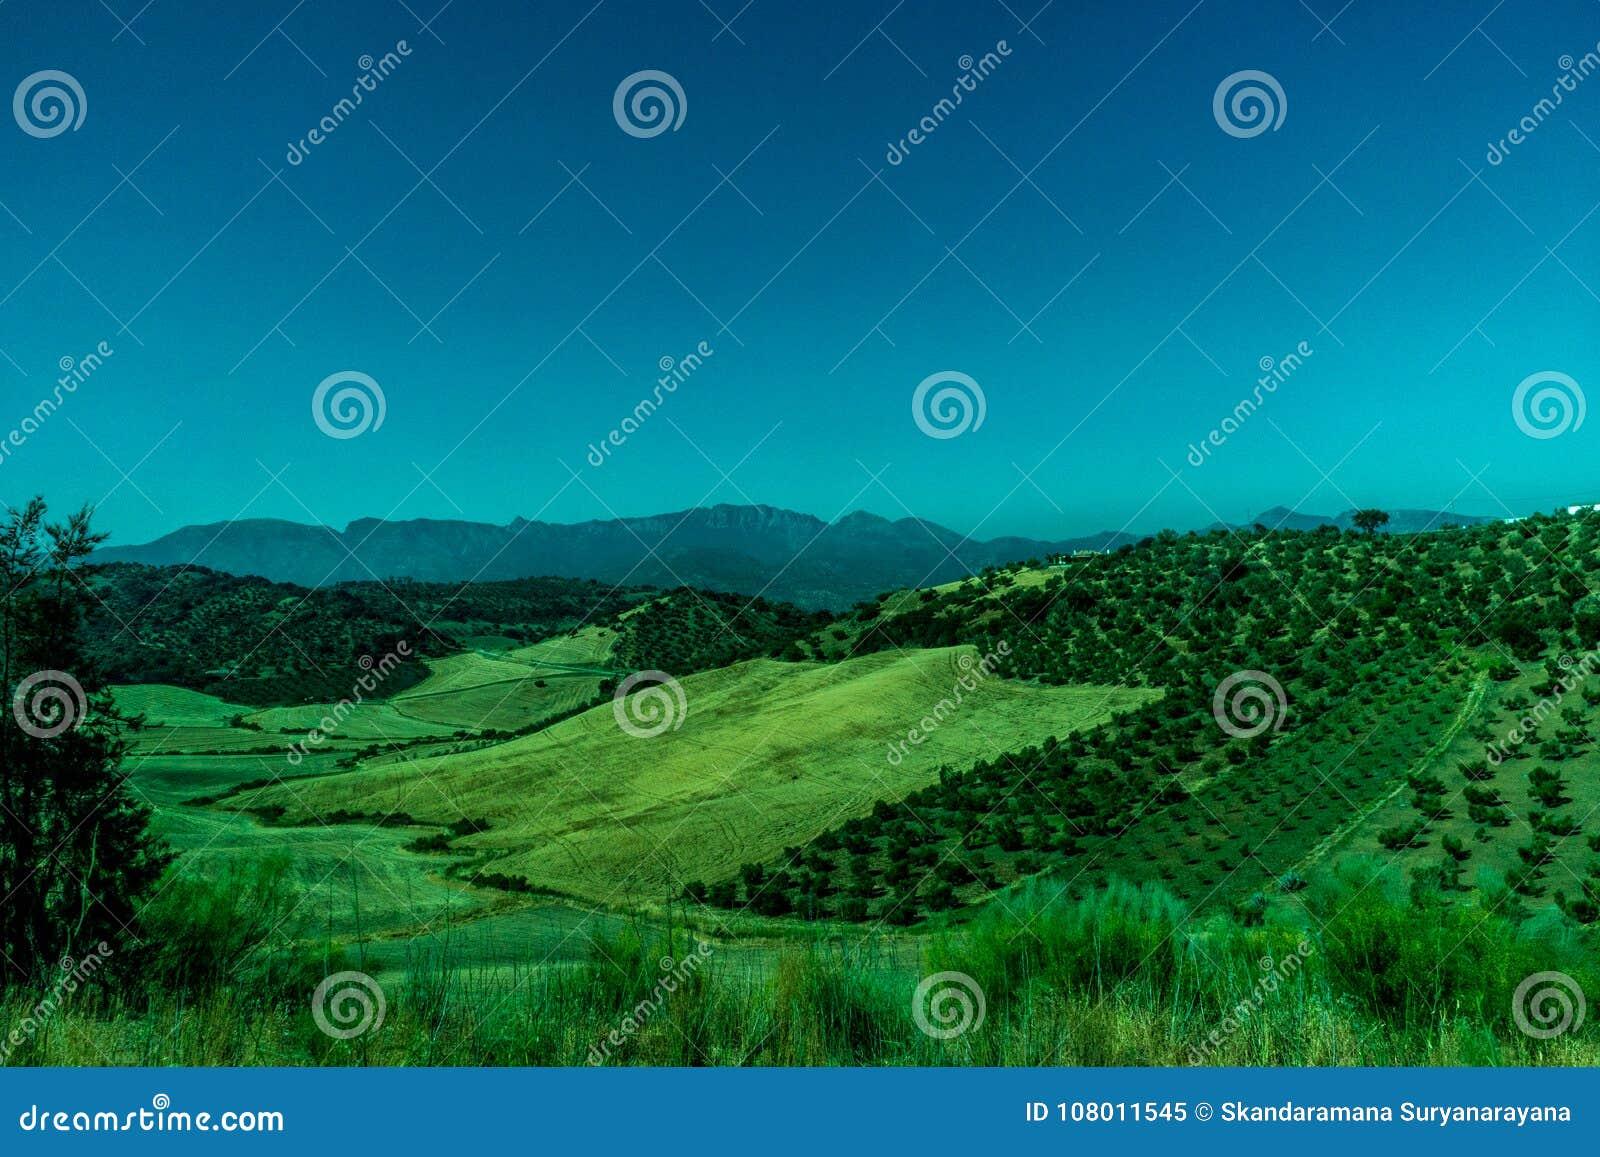 Groen, Bergen, Landbouwbedrijven en Gebieden op de rand van Ronda